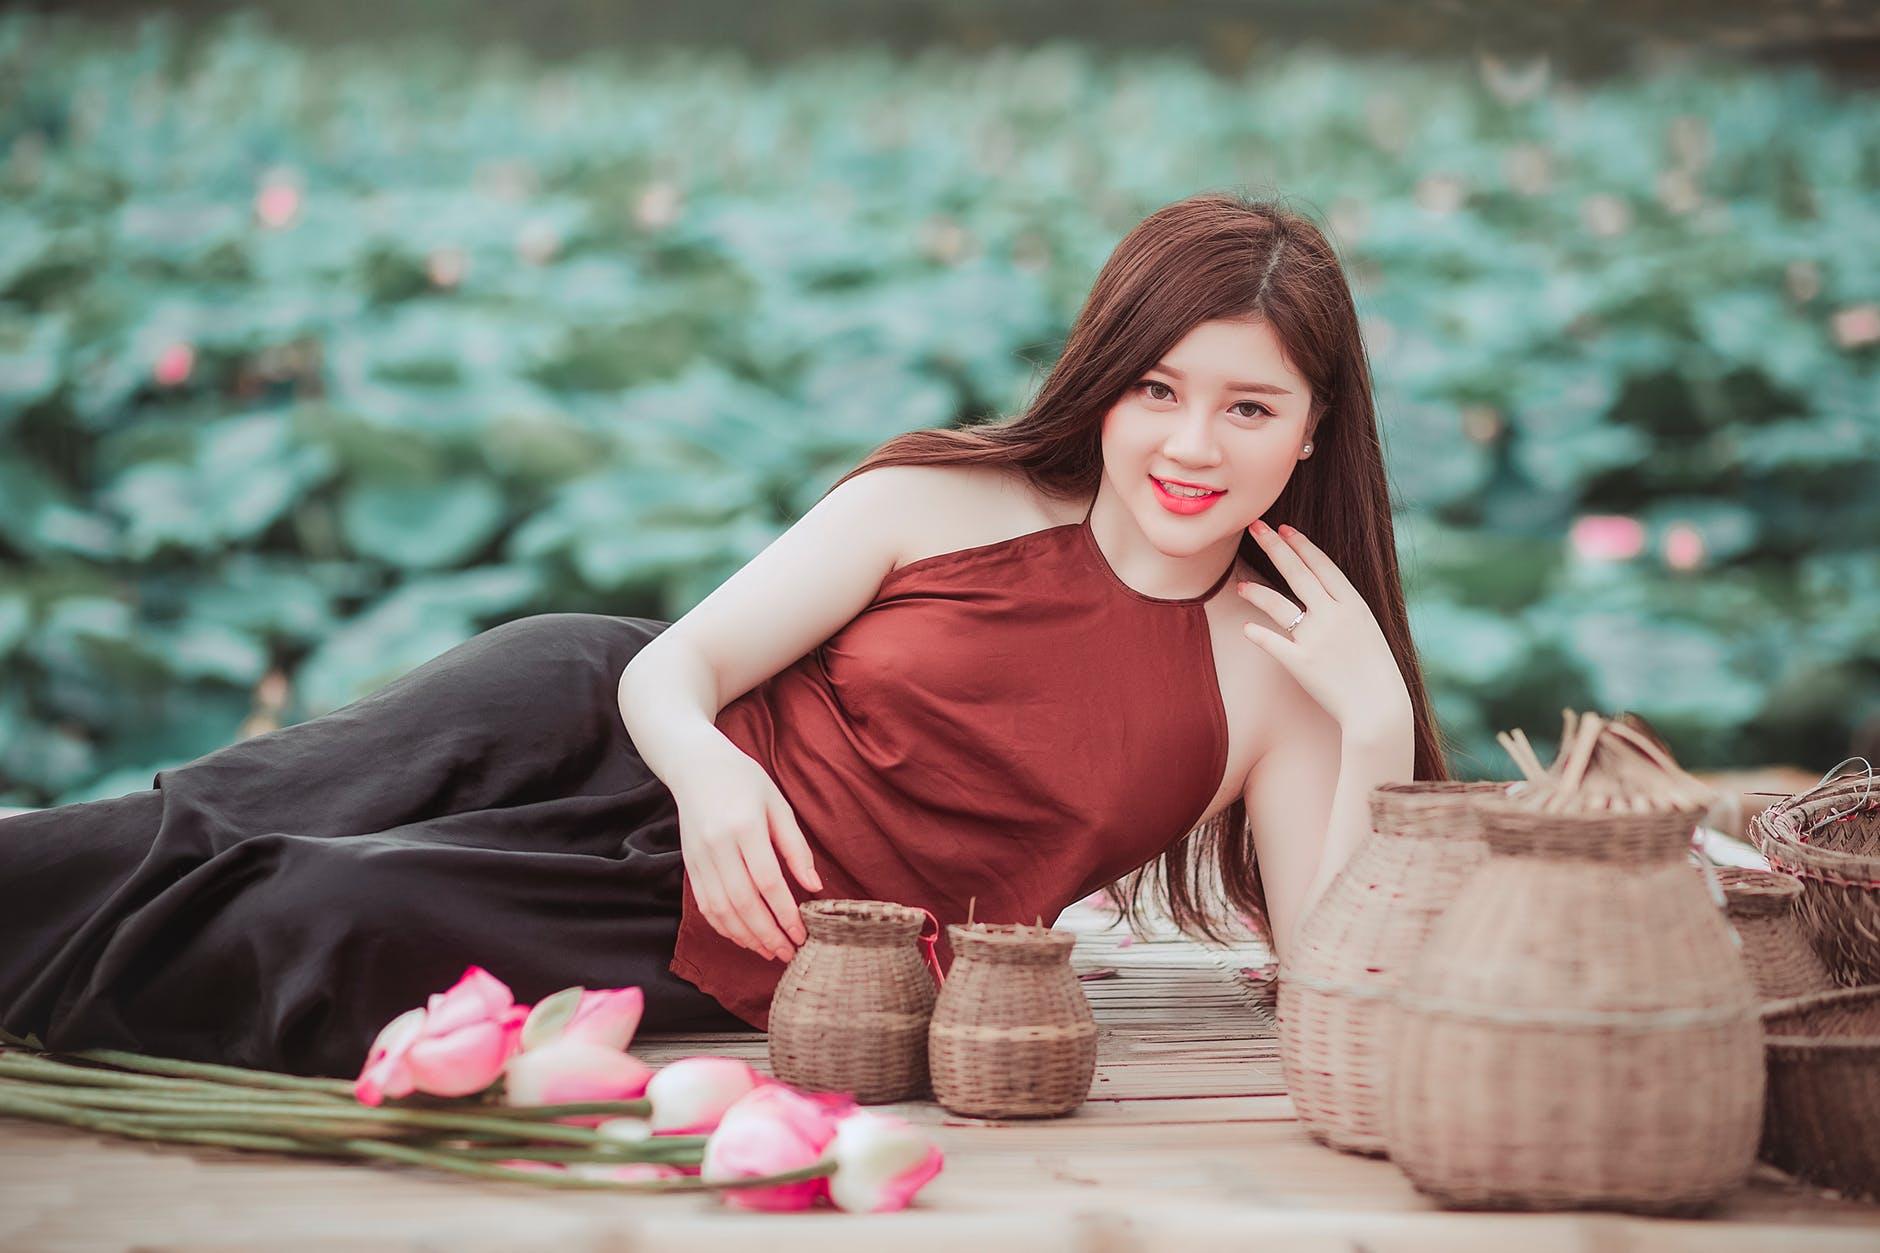 Meet asian women free